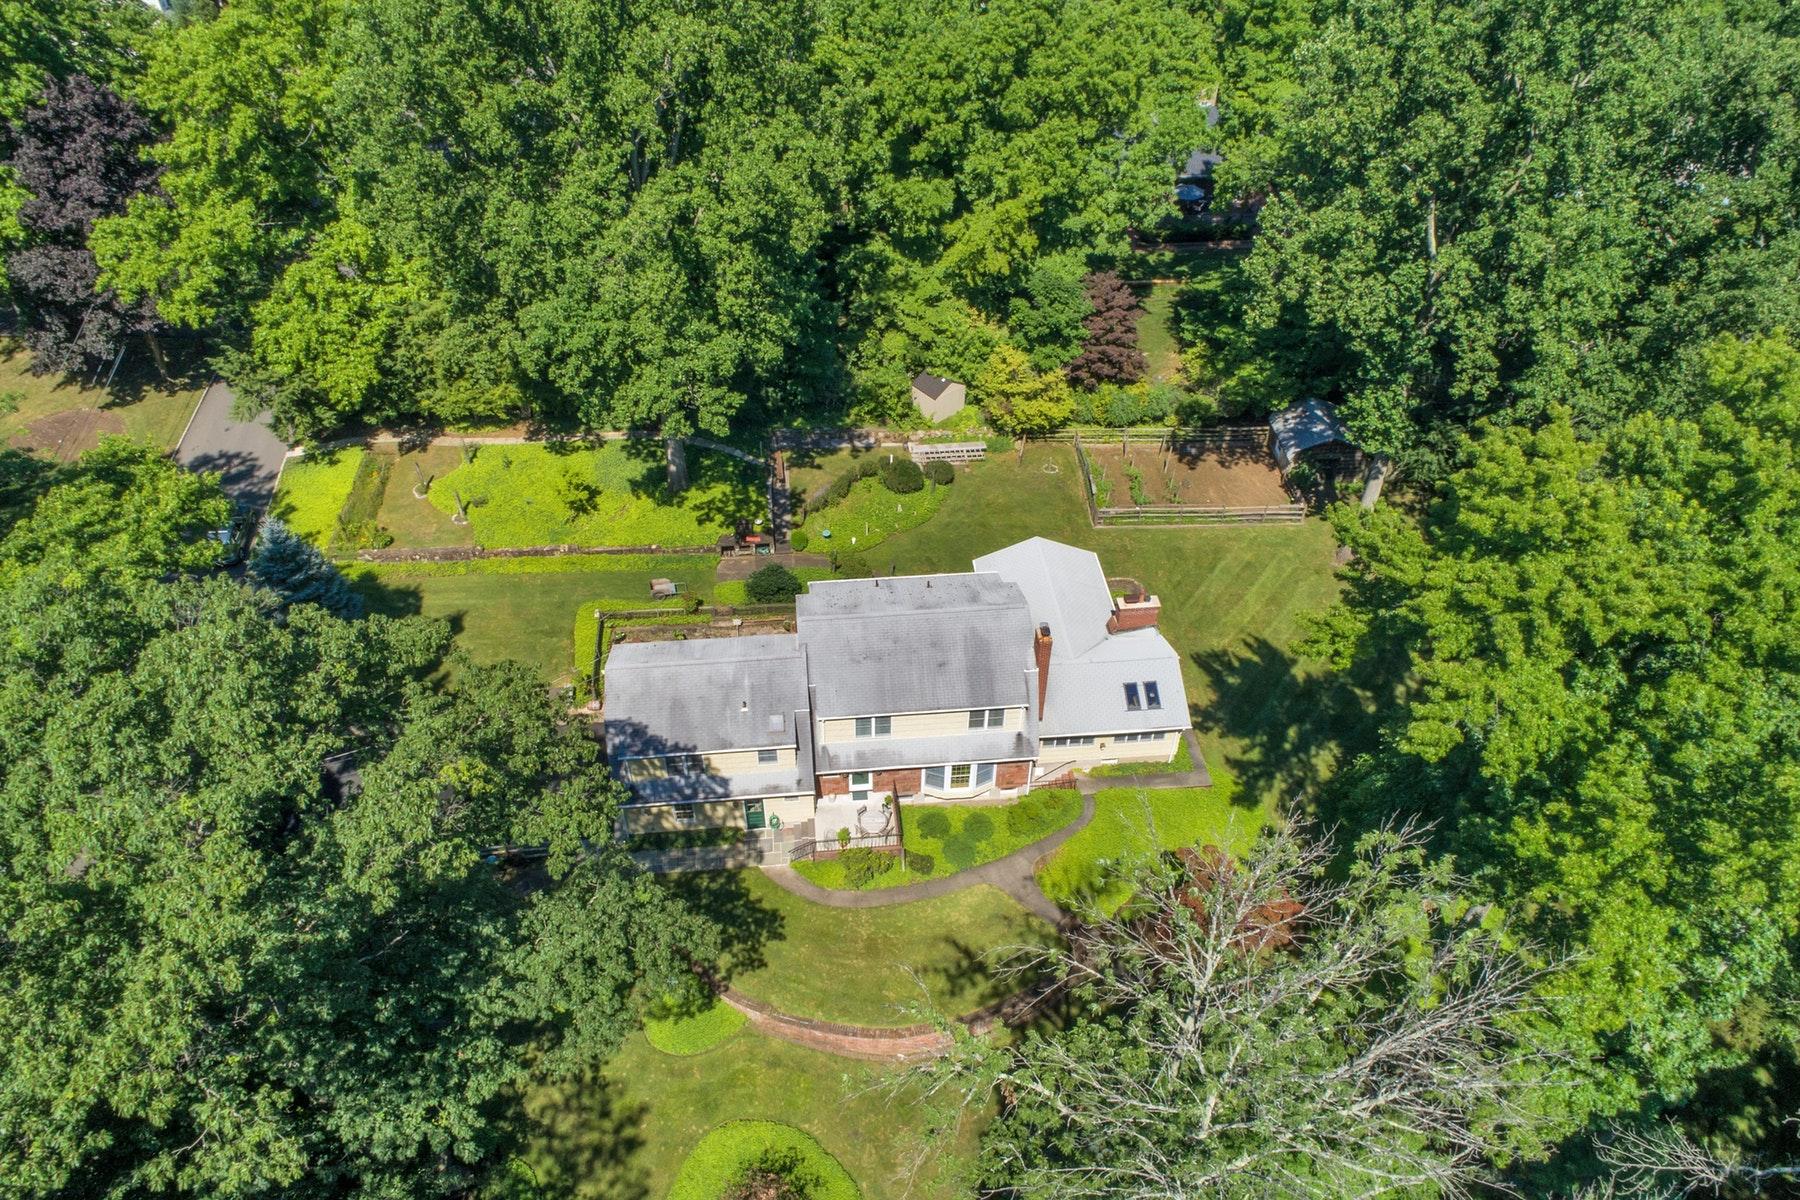 Casa para uma família para Venda às Colonial on East Hill of Closter 65 Colgate Street, Closter, Nova Jersey 07624 Estados Unidos